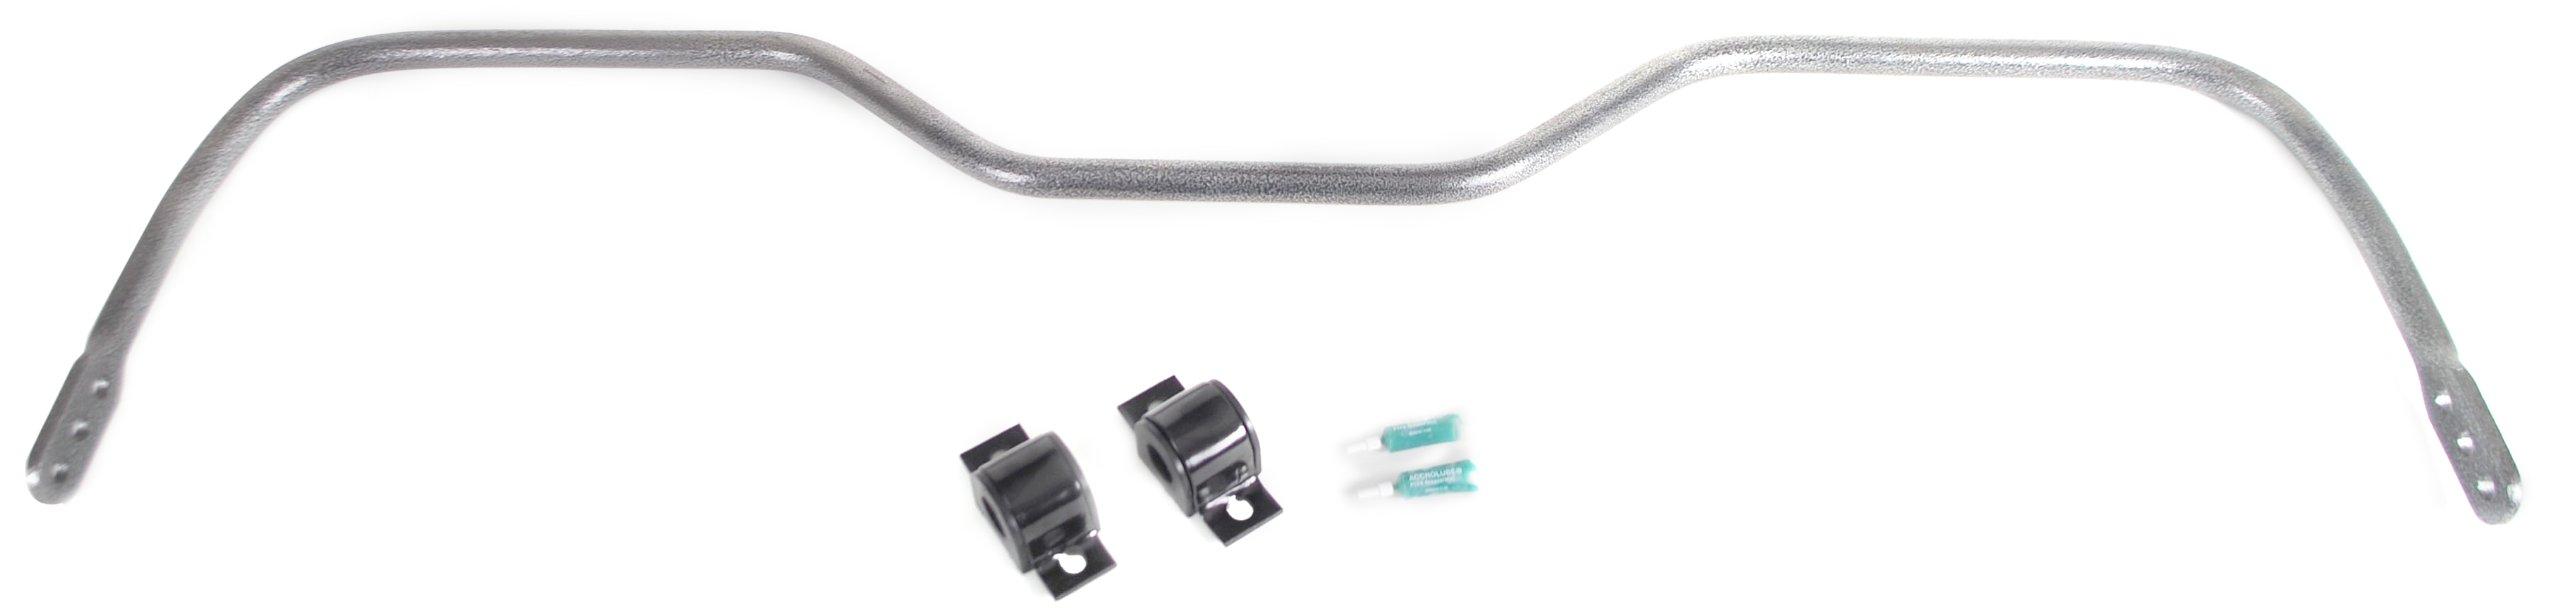 Hellwig 7709 Rear Adjustable Sway Bar